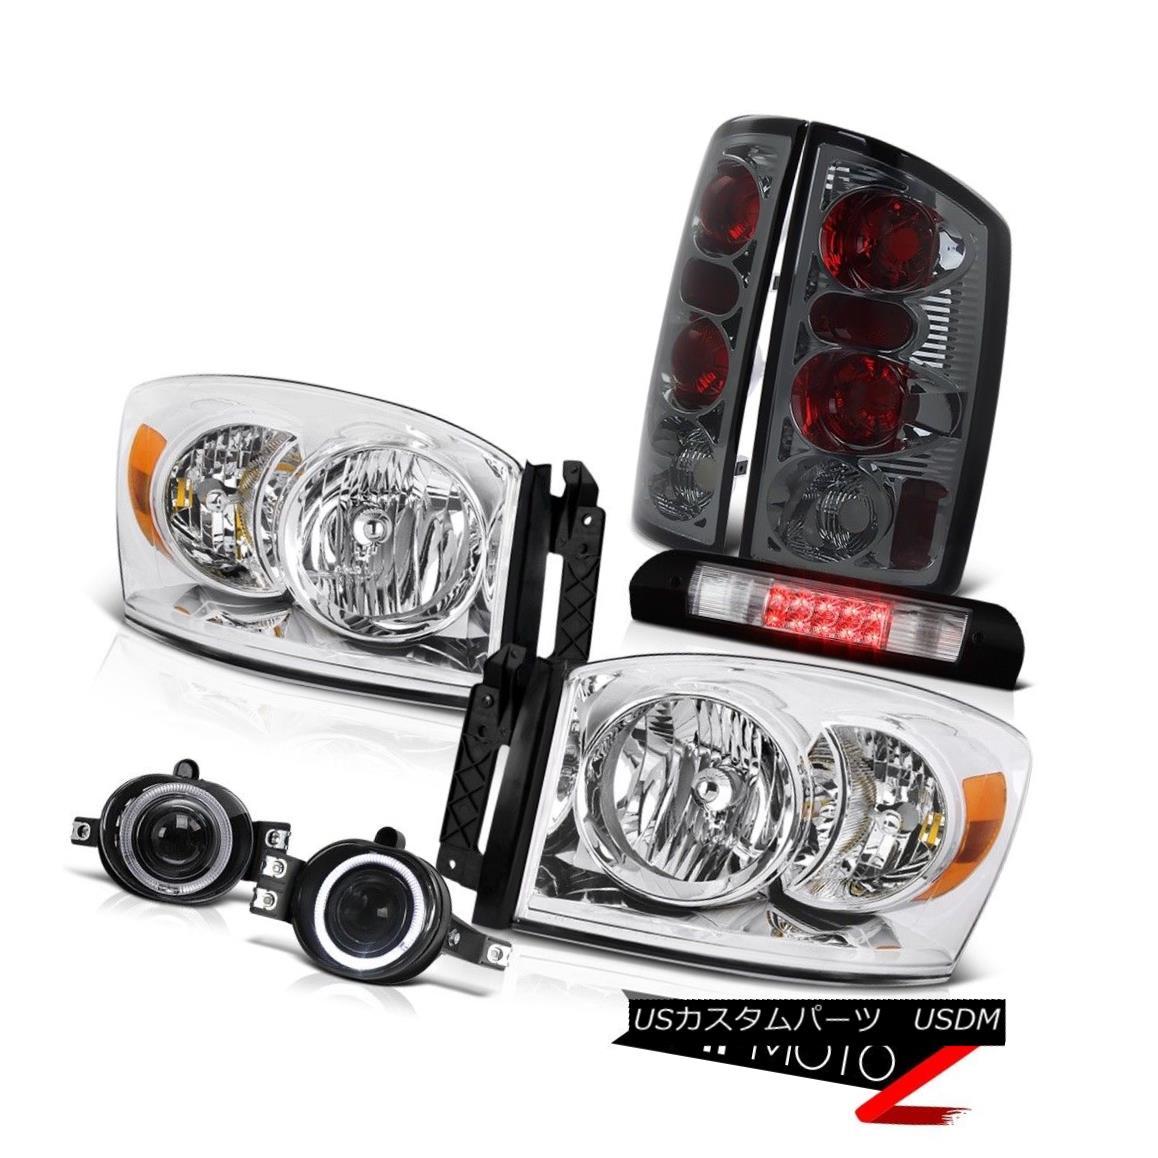 ヘッドライト Headlight Smoke Taillight Glass Projector Fog Roof Brake Cargo LED 06 Dodge Ram ヘッドライト煙の灯台ガラスプロジェクター霧屋根ブレーキカーゴLED 06 Dodge Ram